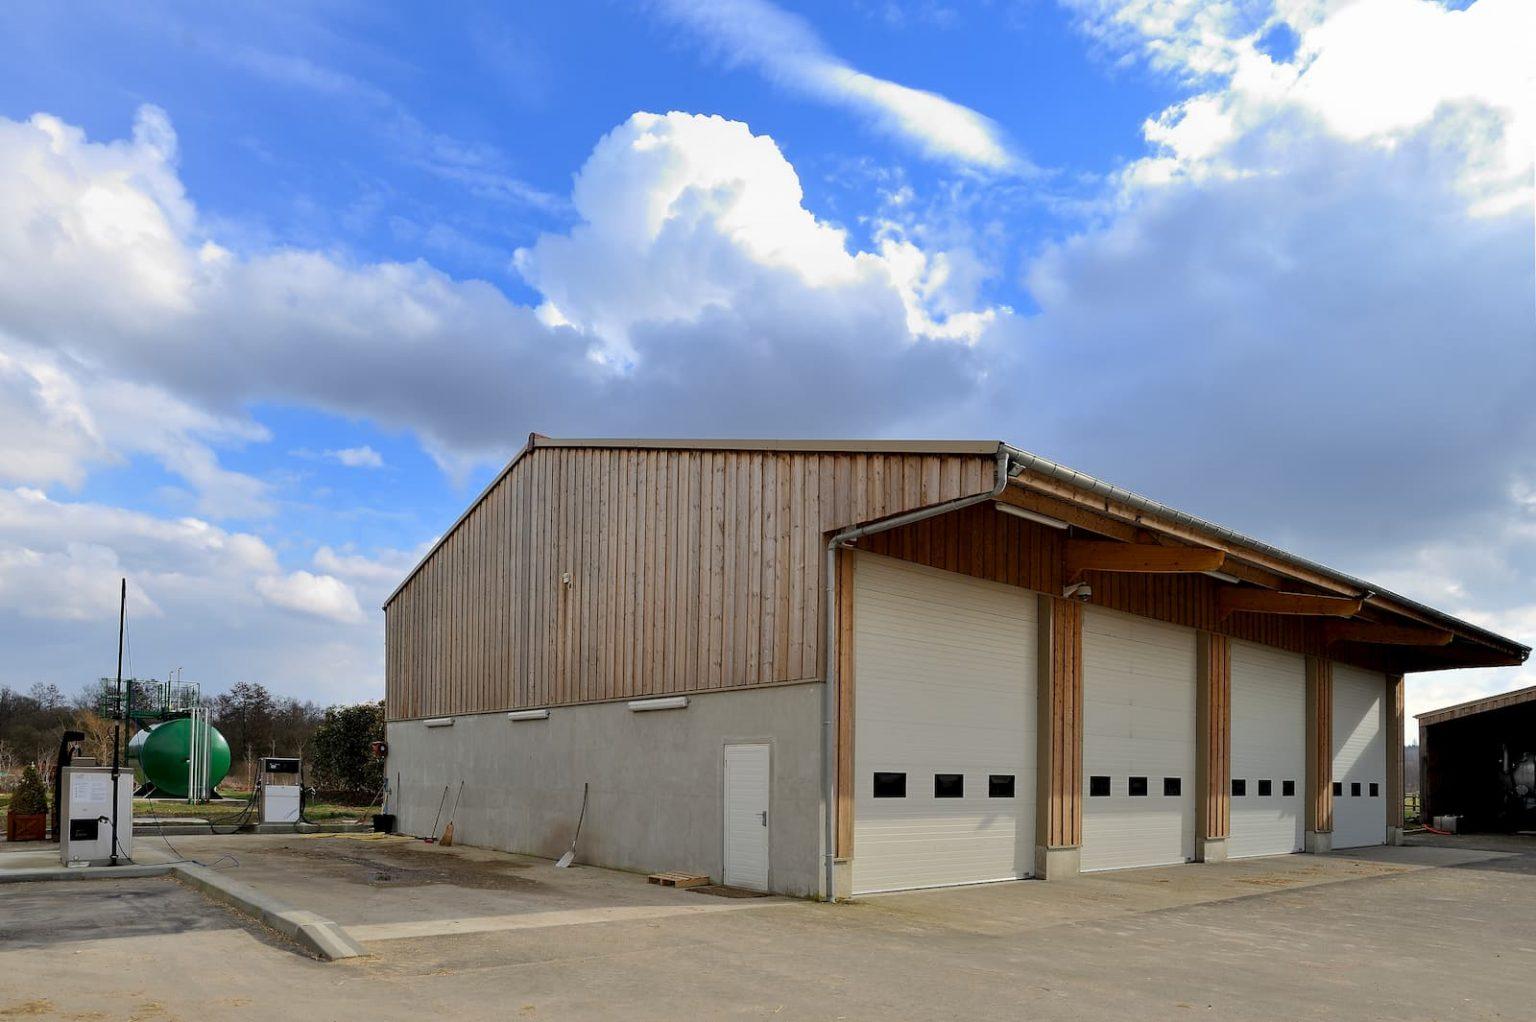 Construction d'un bâtiment de stockage et hangar pour le stockage d'engins agricoles